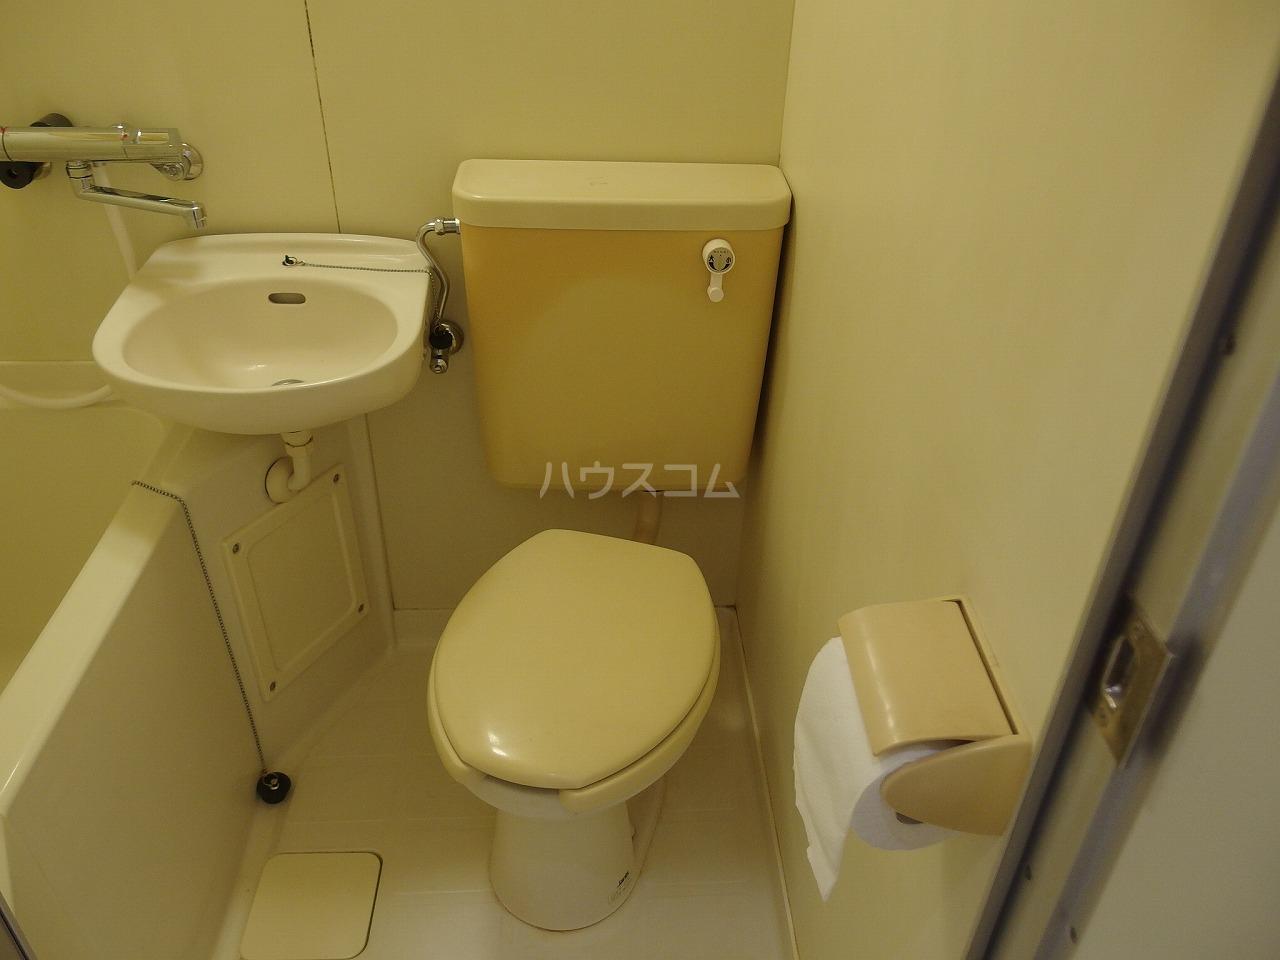 コーポイズミ 206号室のトイレ